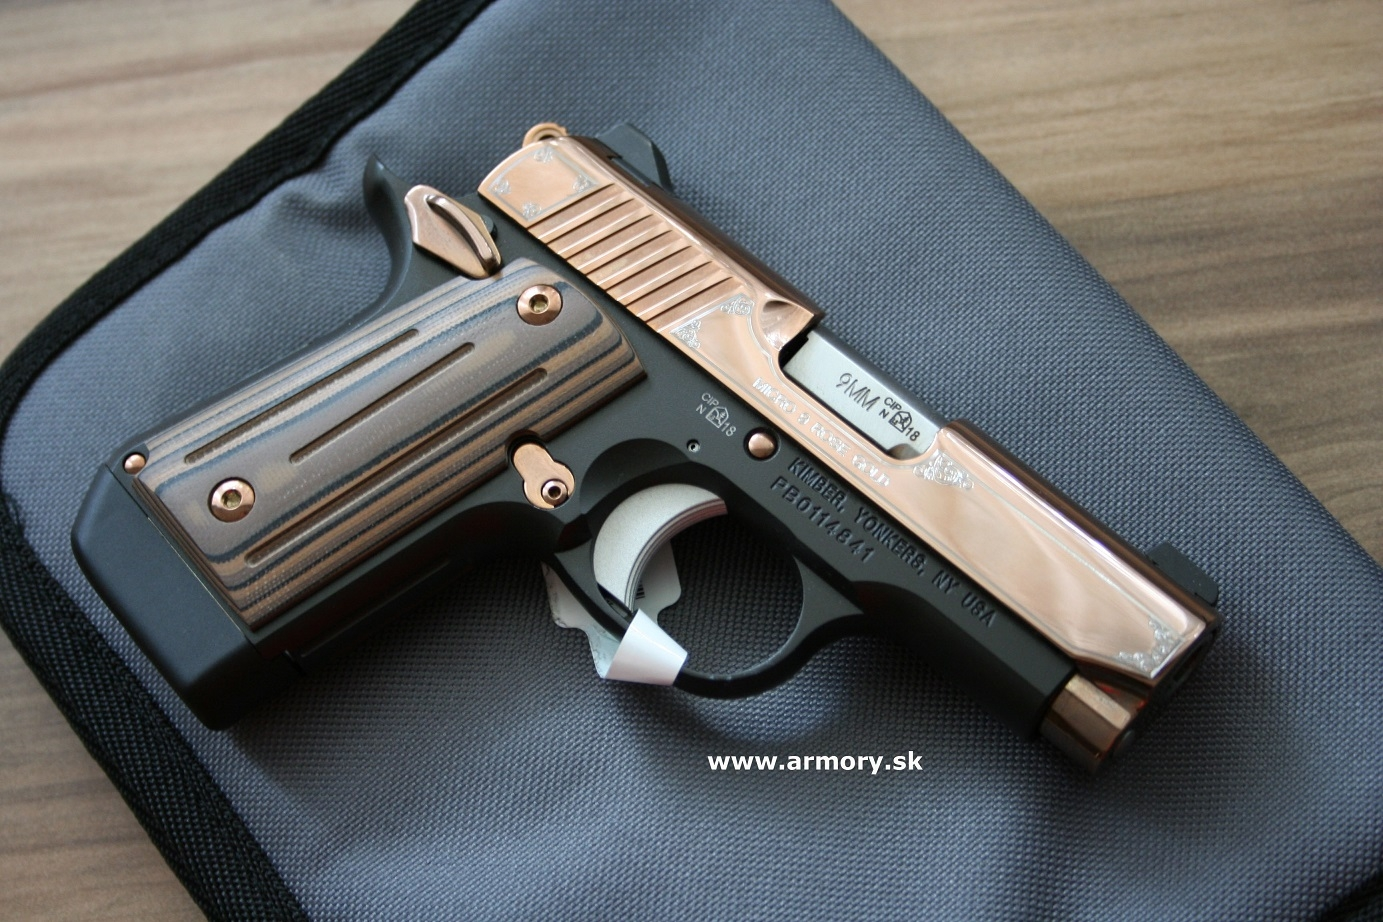 Kimber Micro 9 Rose Gold - Guns - lvlarmory com